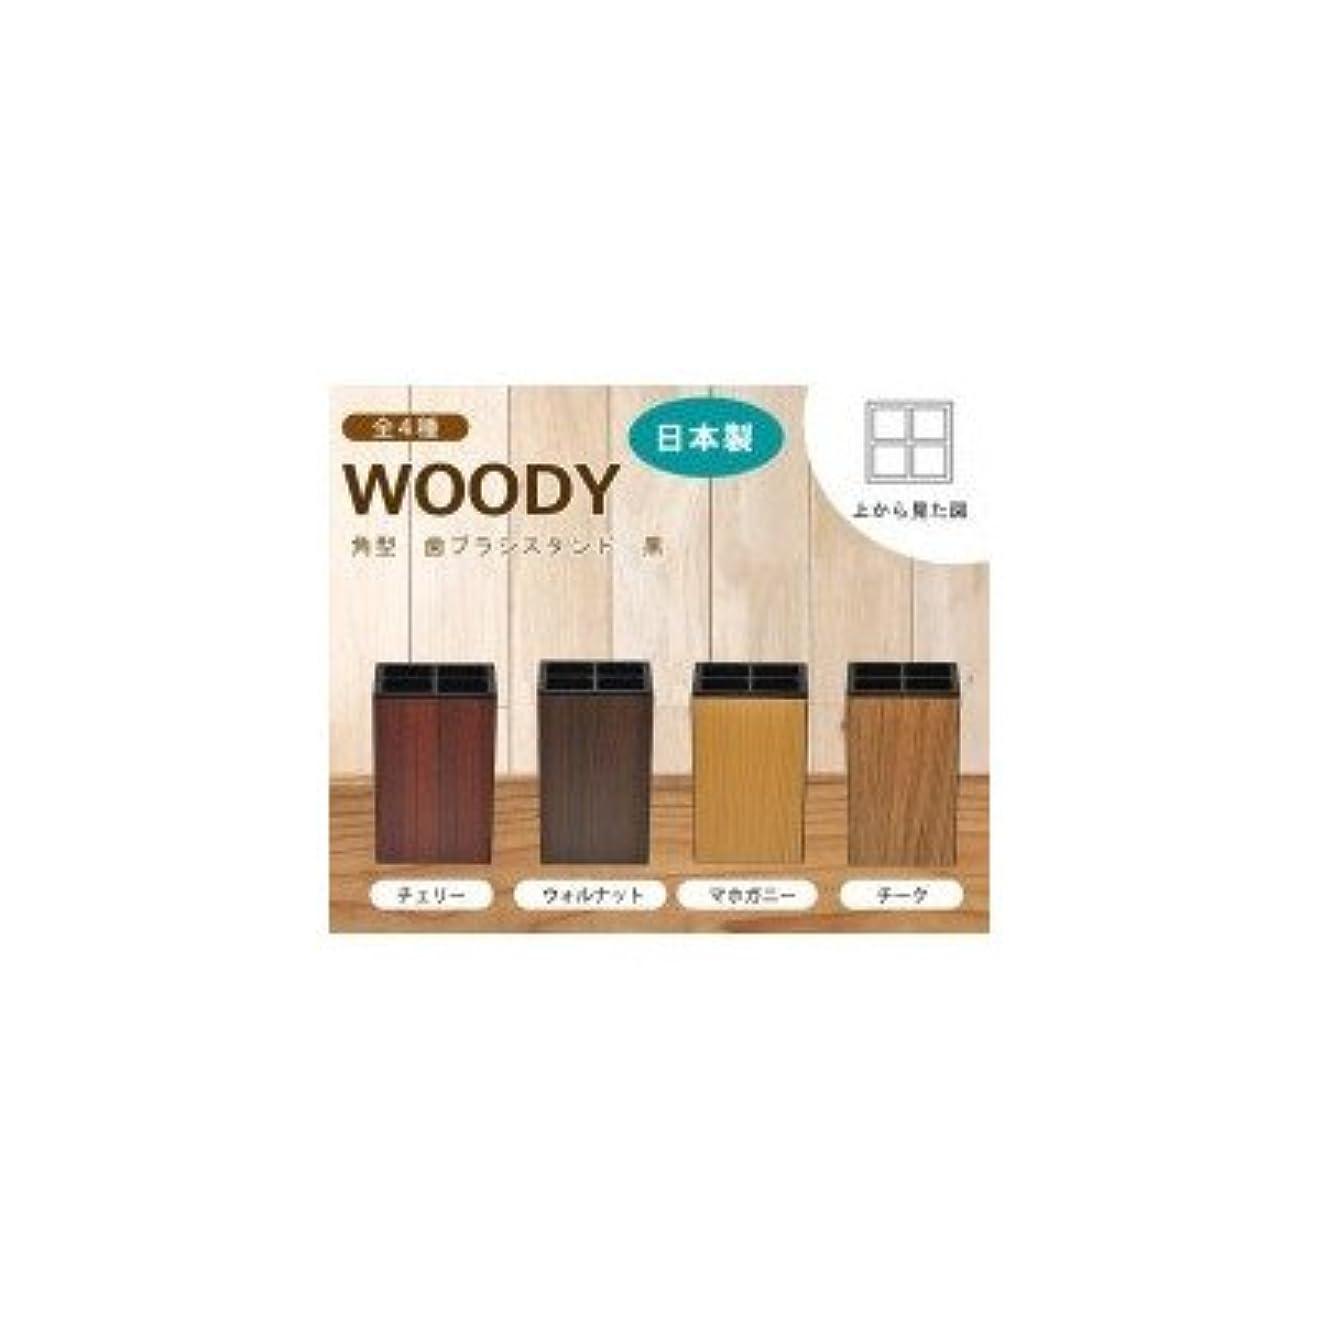 アイデア差別する液体日本製 WOODY ウッディ 角型 歯ブラシスタンド 黒 ウォルナット?13-450345( 画像はイメージ画像です お届けの商品はウォルナット?13-450345のみとなります)